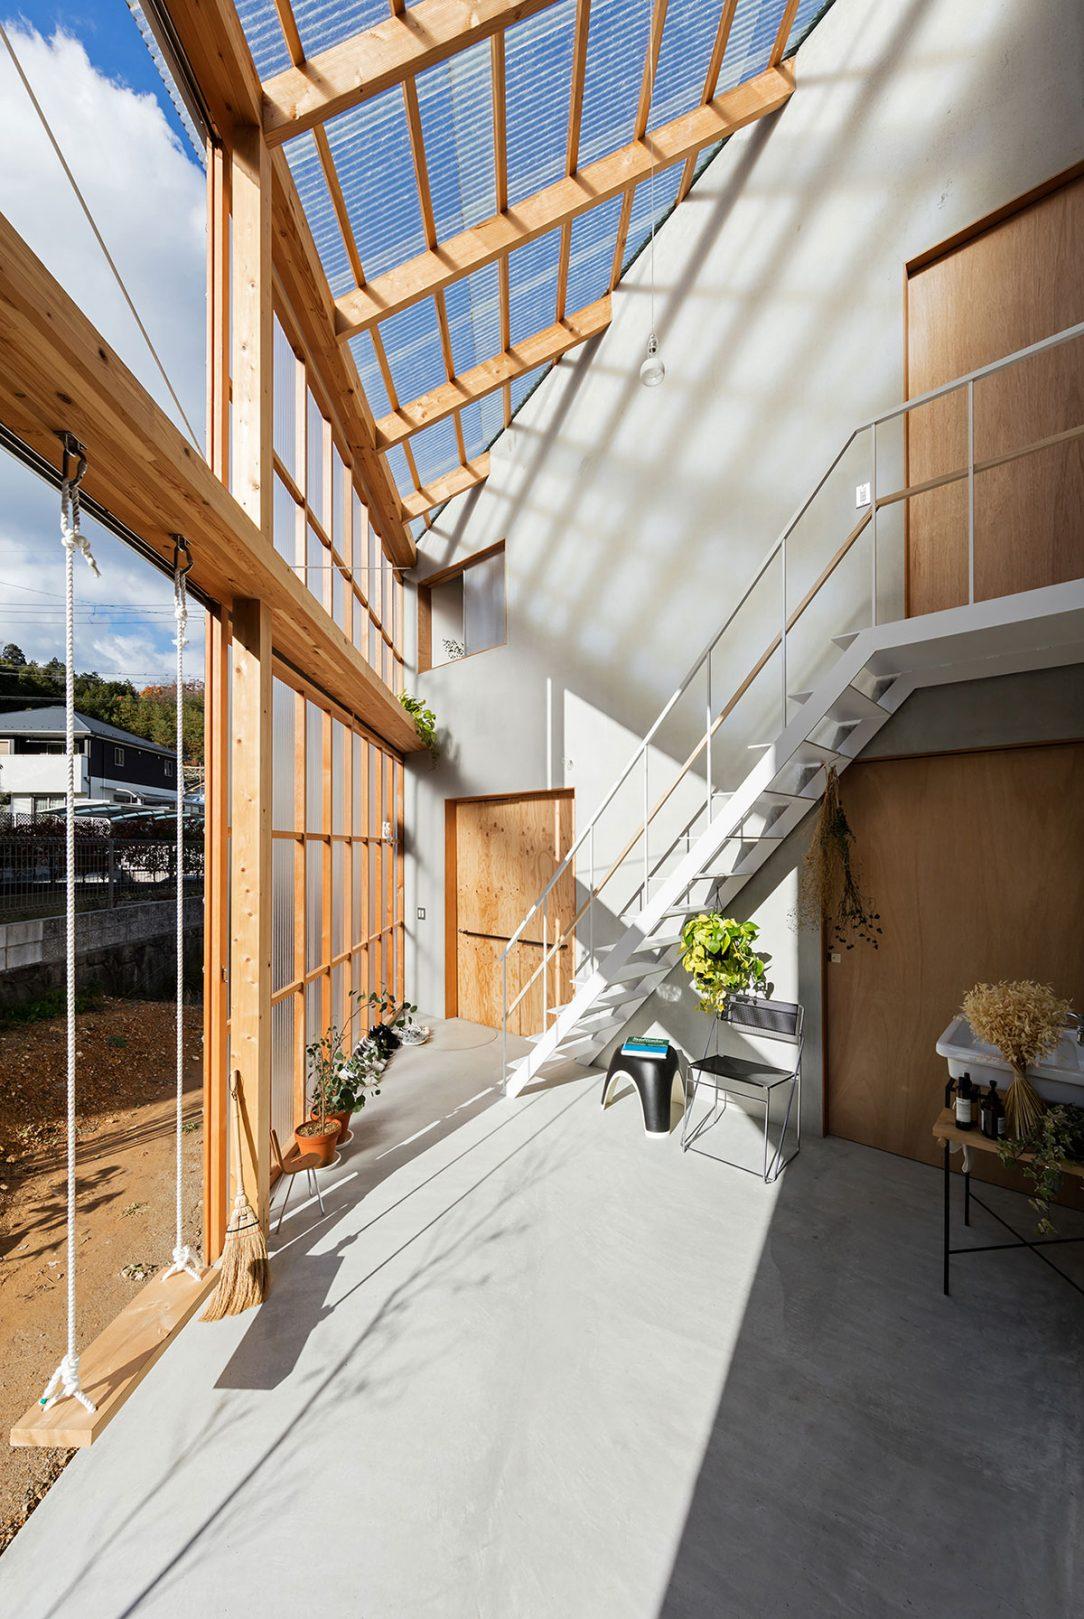 Slnečná izba sa dá dobre využiť na sušenie bielizne